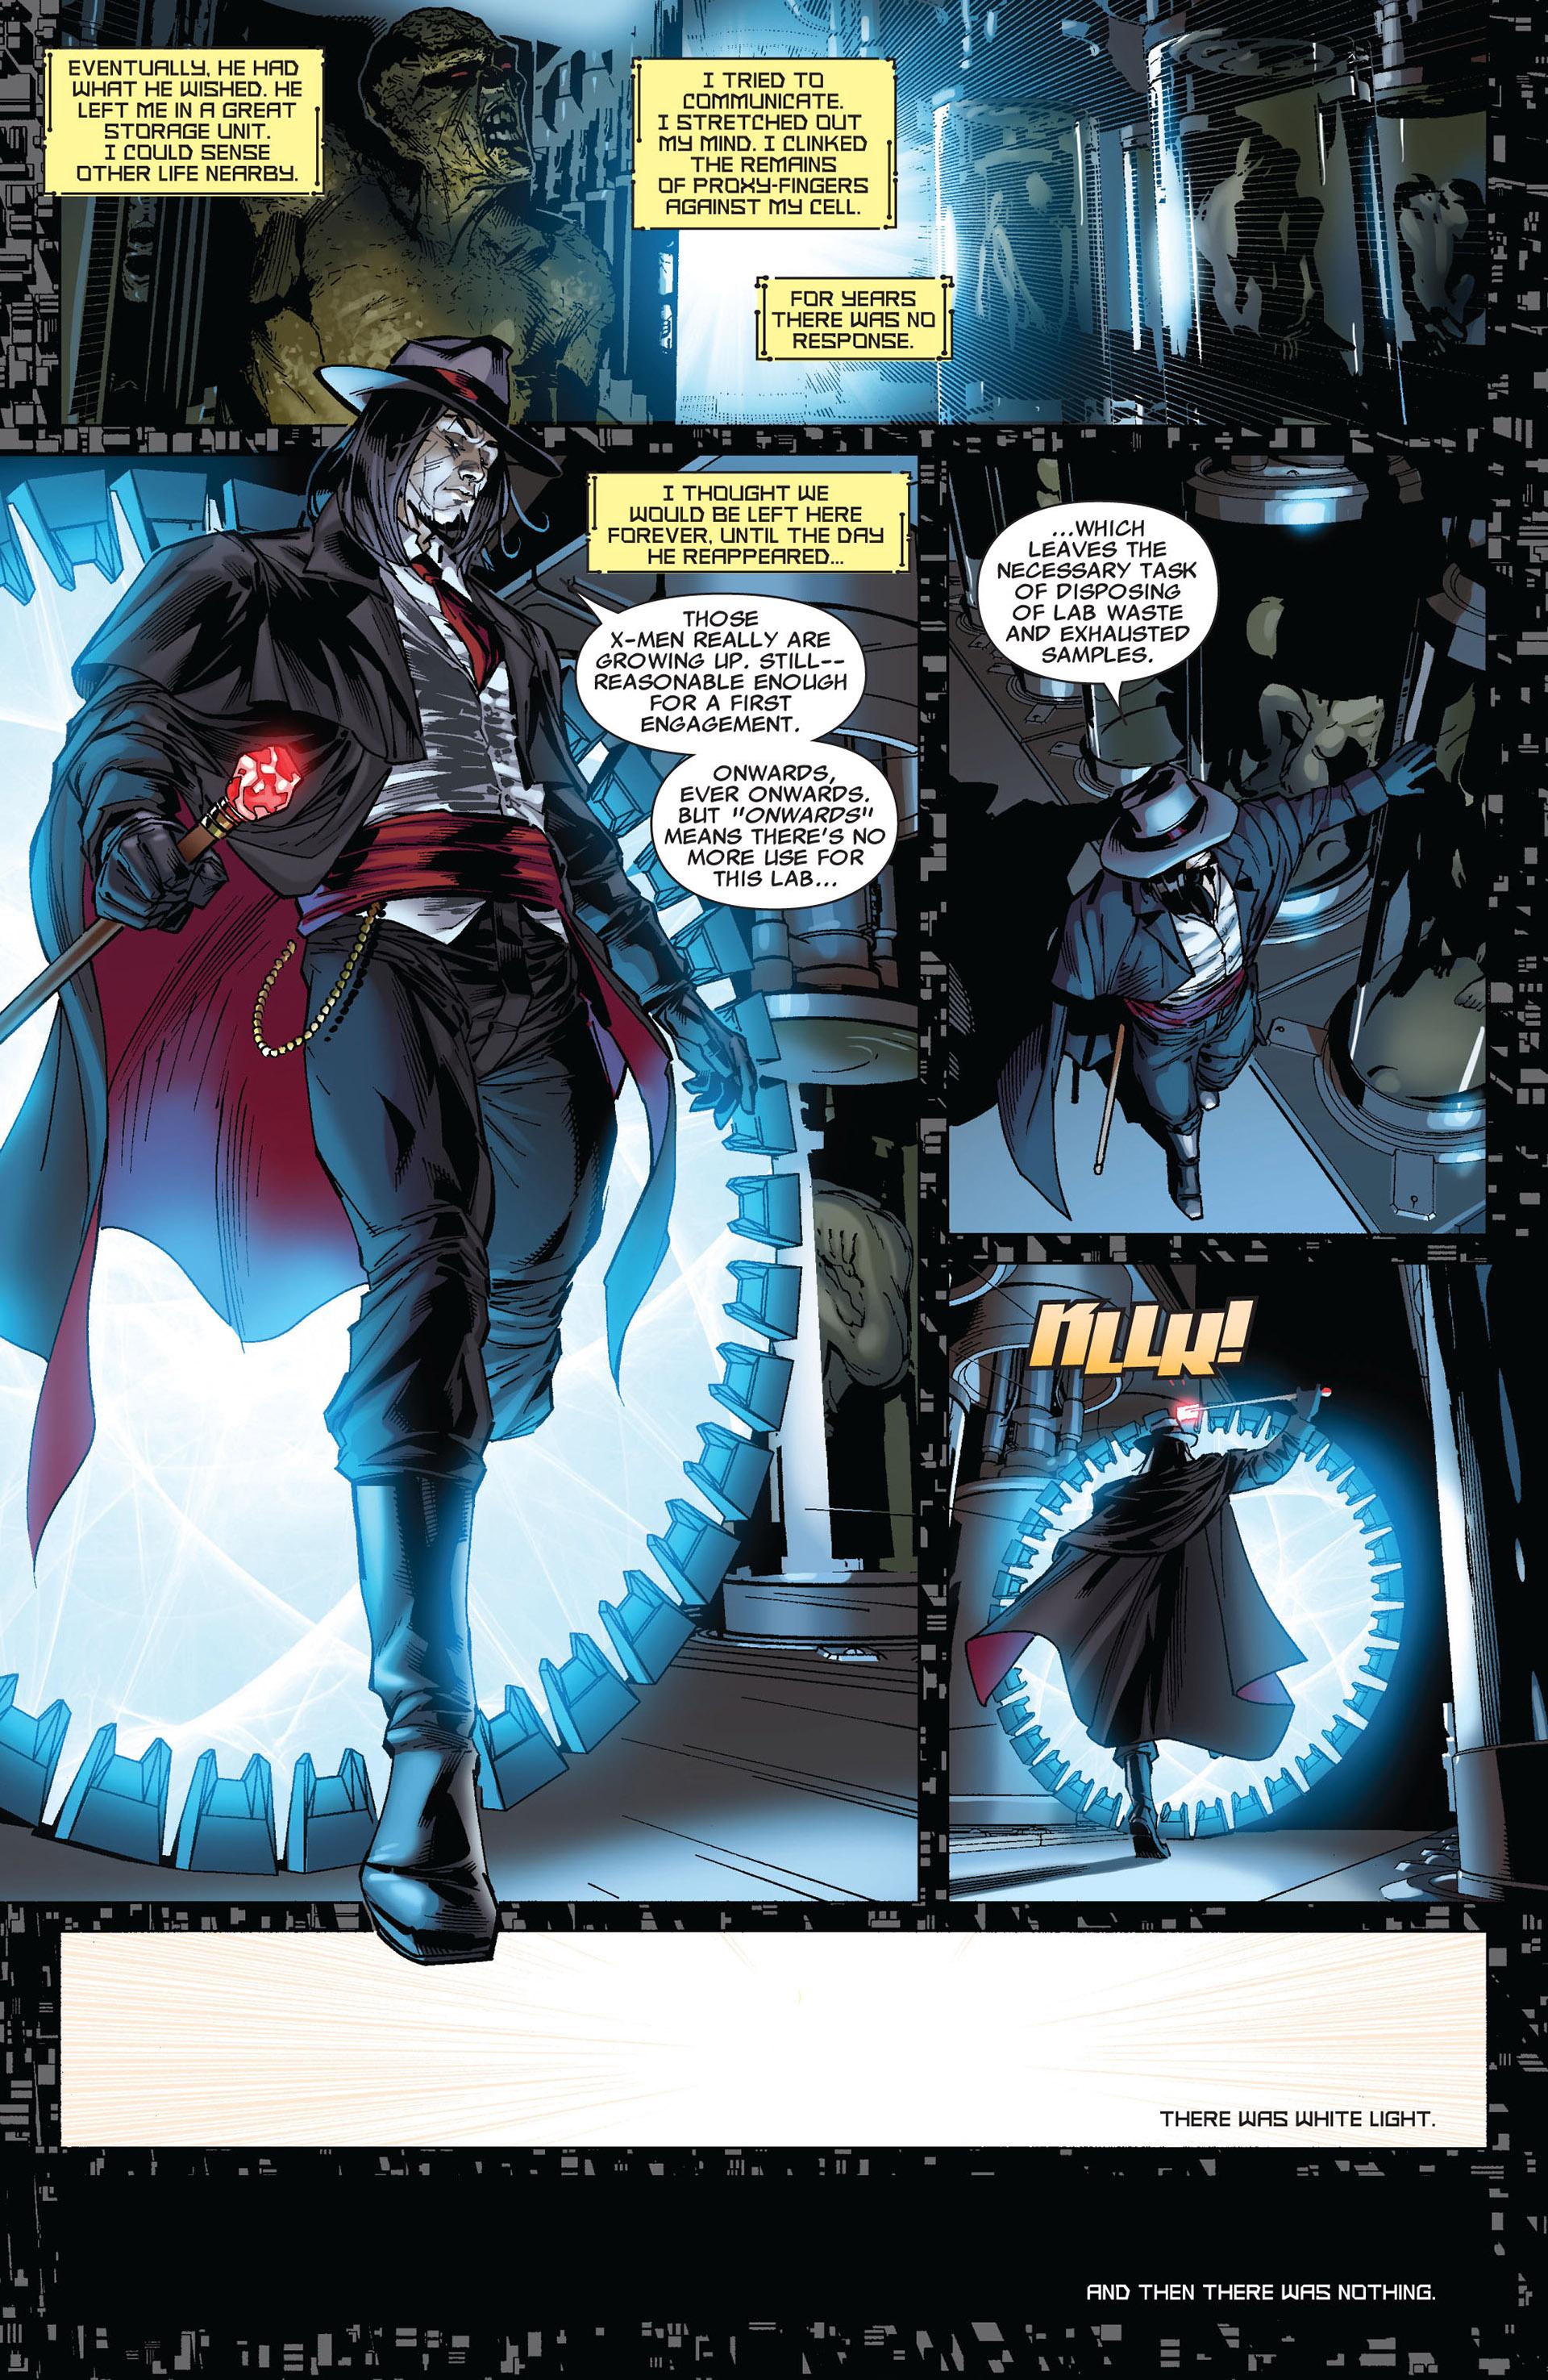 Read online Uncanny X-Men (2012) comic -  Issue #4 - 6